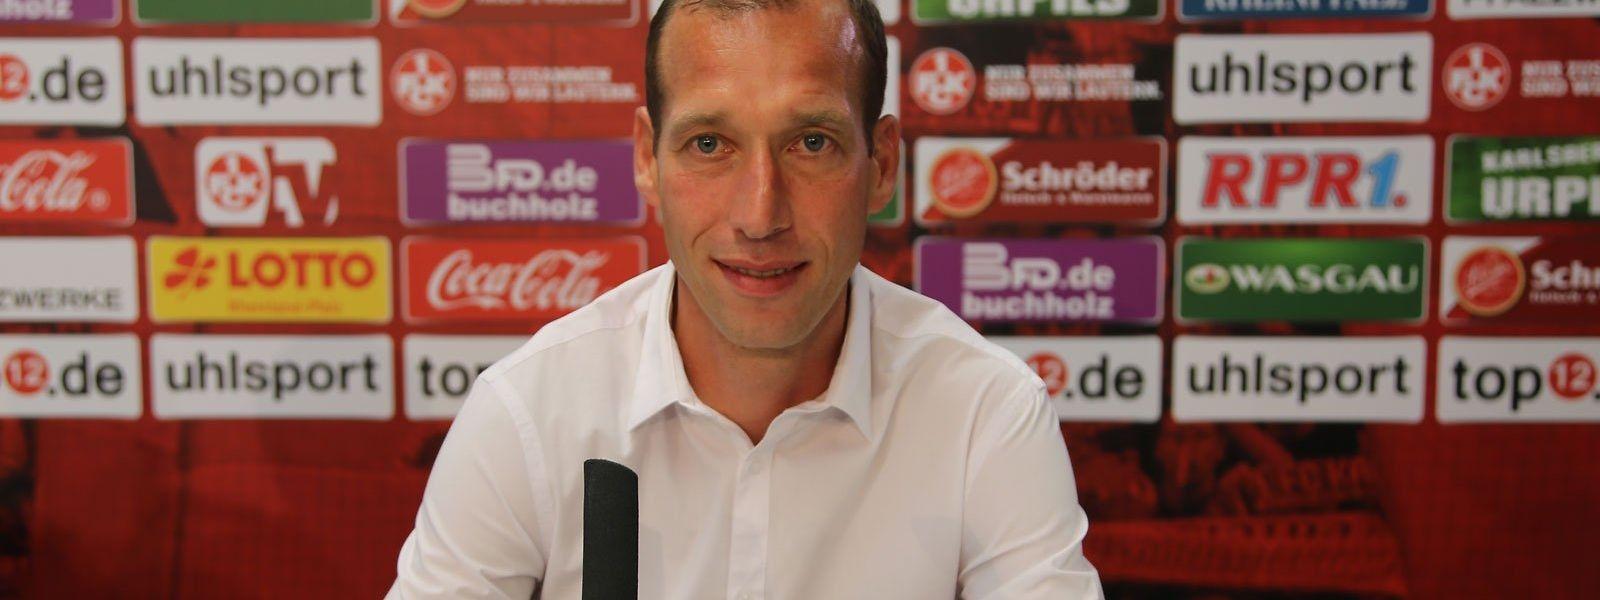 Jeff Strasser wurde am Mittwoch in Kaiserslautern vorgestellt.